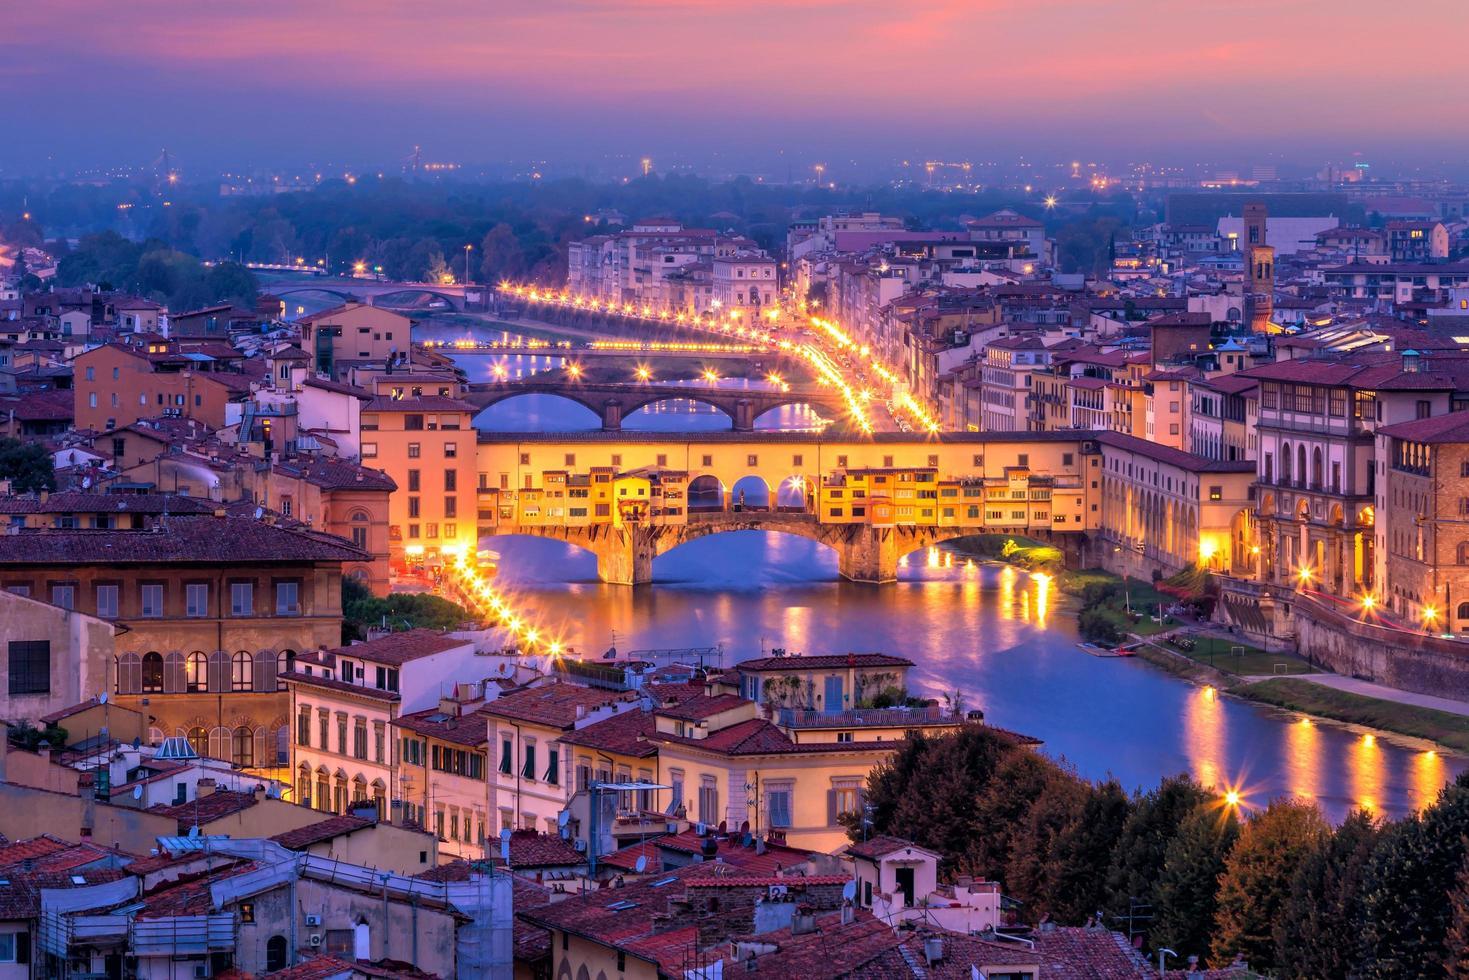 ponte vecchio sobre el río arno en florencia, italia. foto